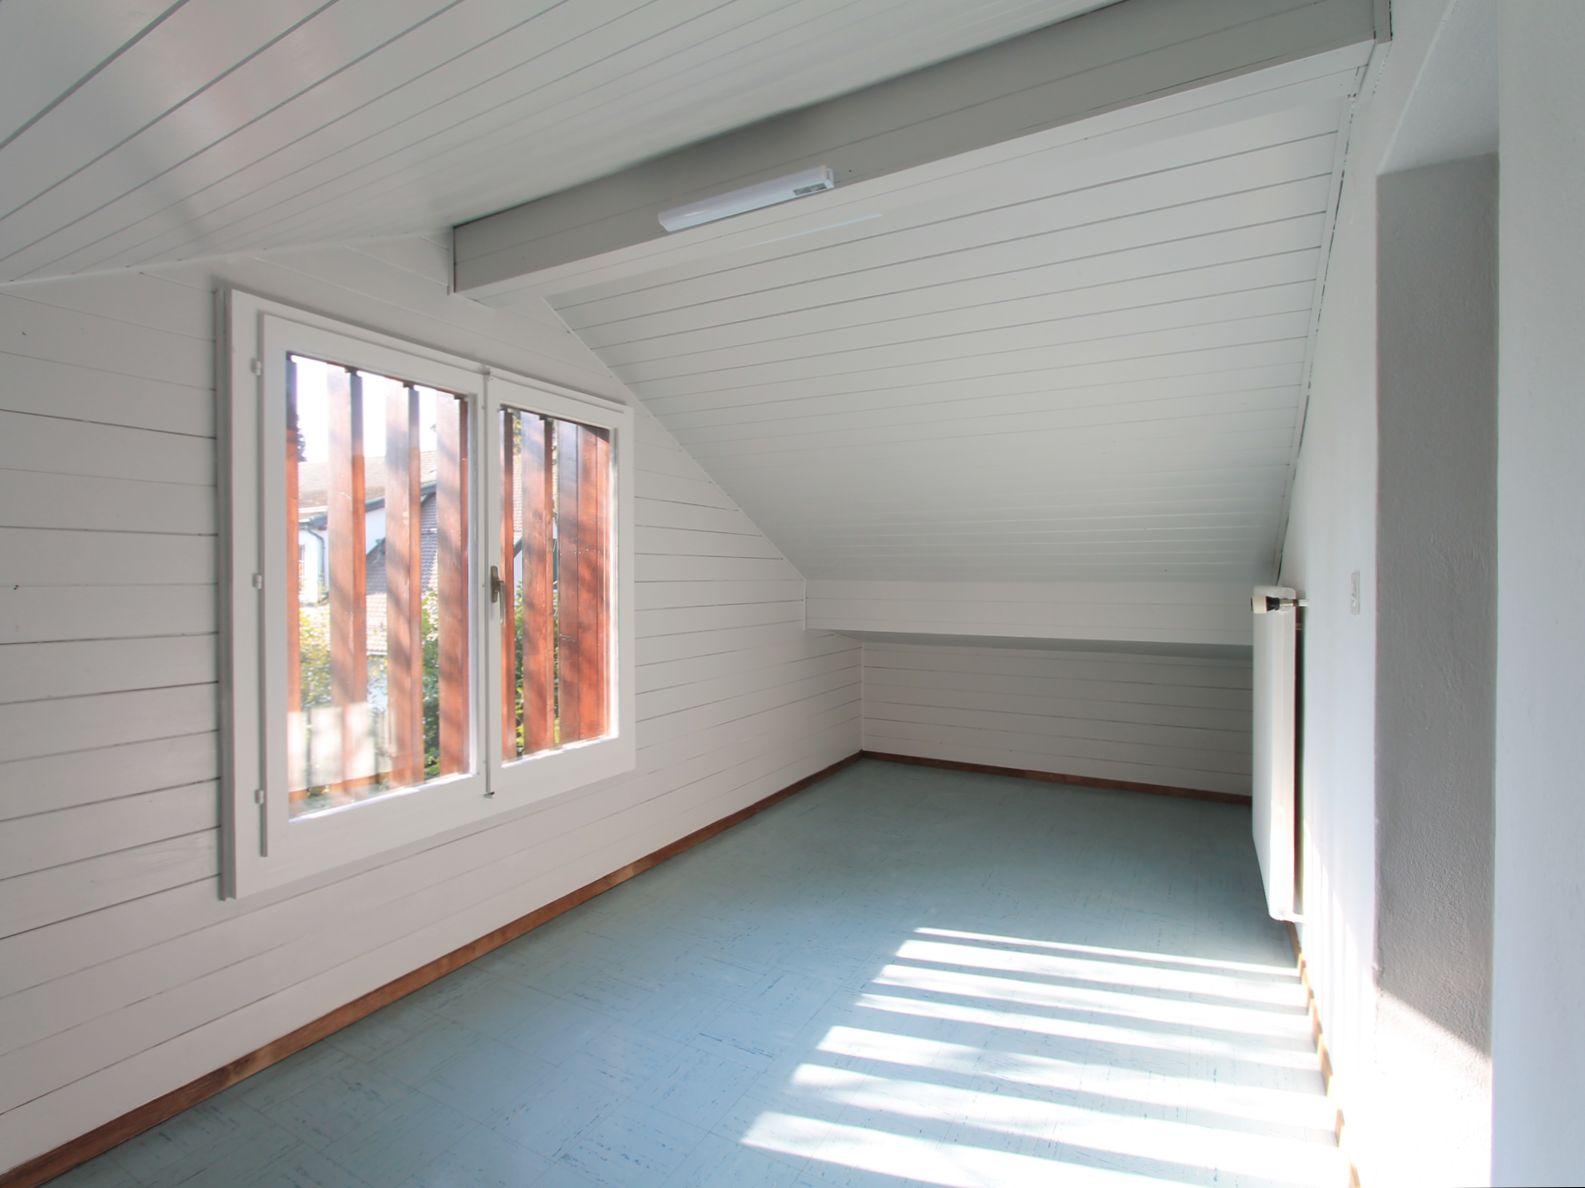 Pièce attenante à la chambre 3 avec fenêtre et cachet